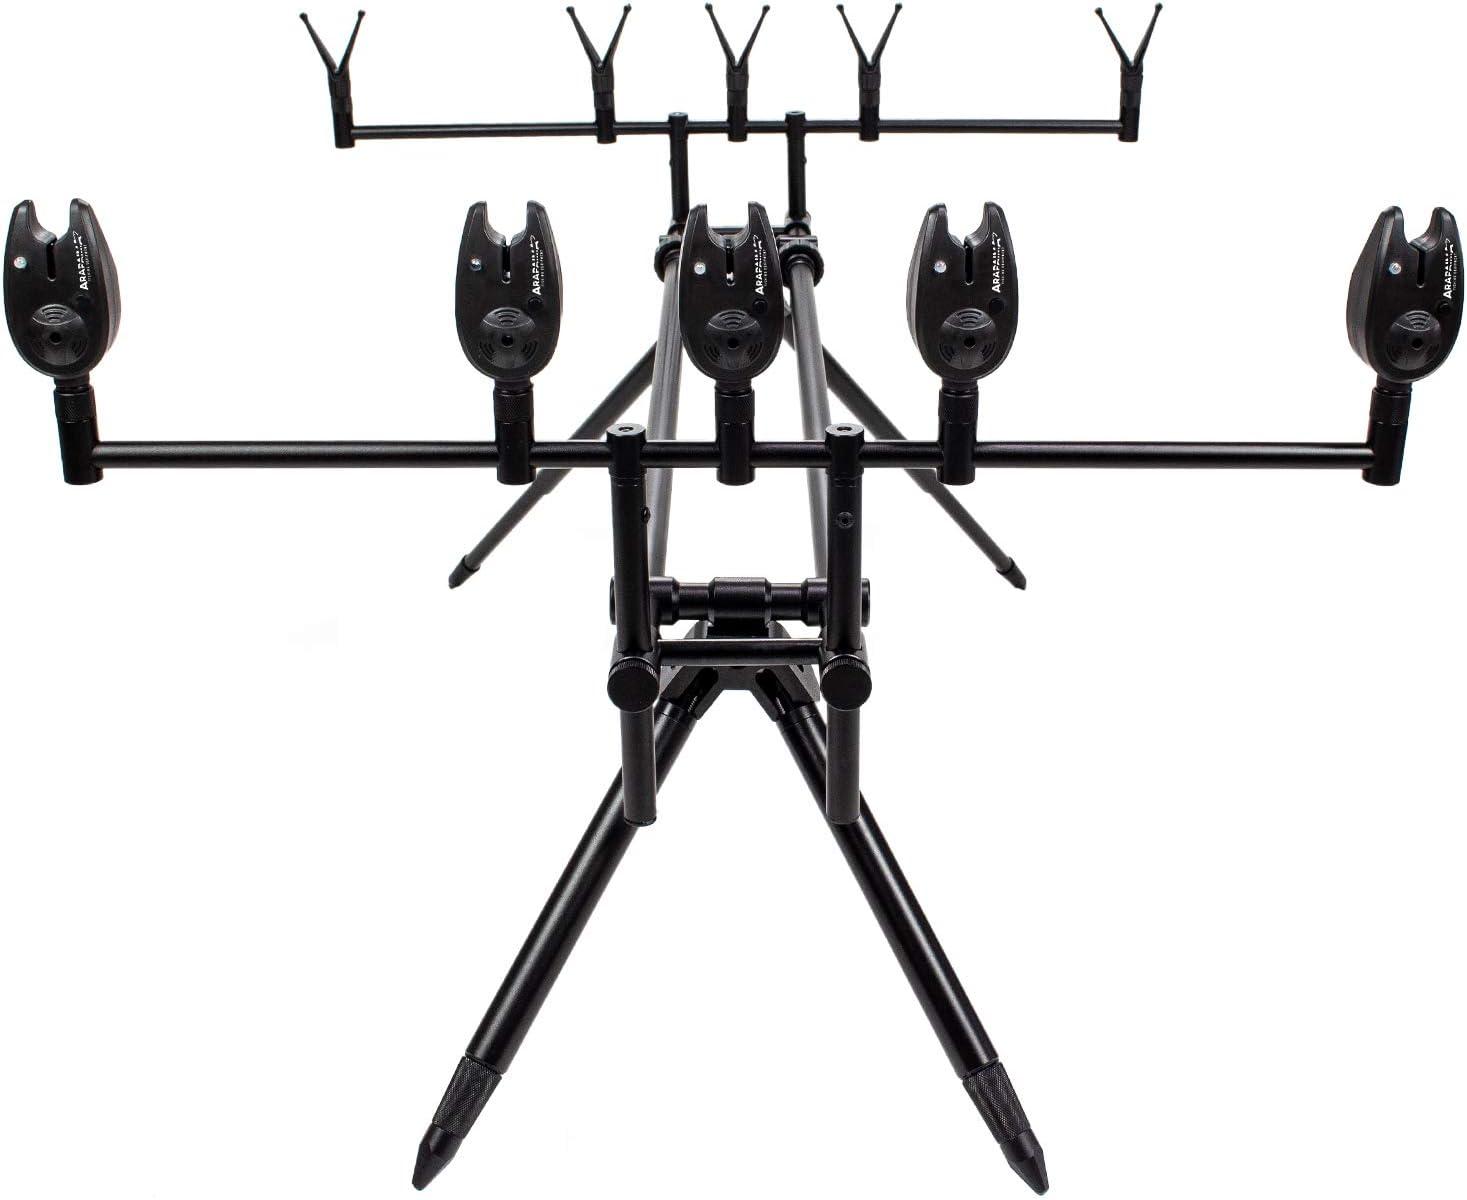 ARAPAIMA FISHING EQUIPMENT Rod Pod Set Lakeview Sac de Transport Support de Canne en Aluminium Indicateur de Coussin Repose-Cannes de p/êche pour 3 Cannes /à p/êche Coussins en V